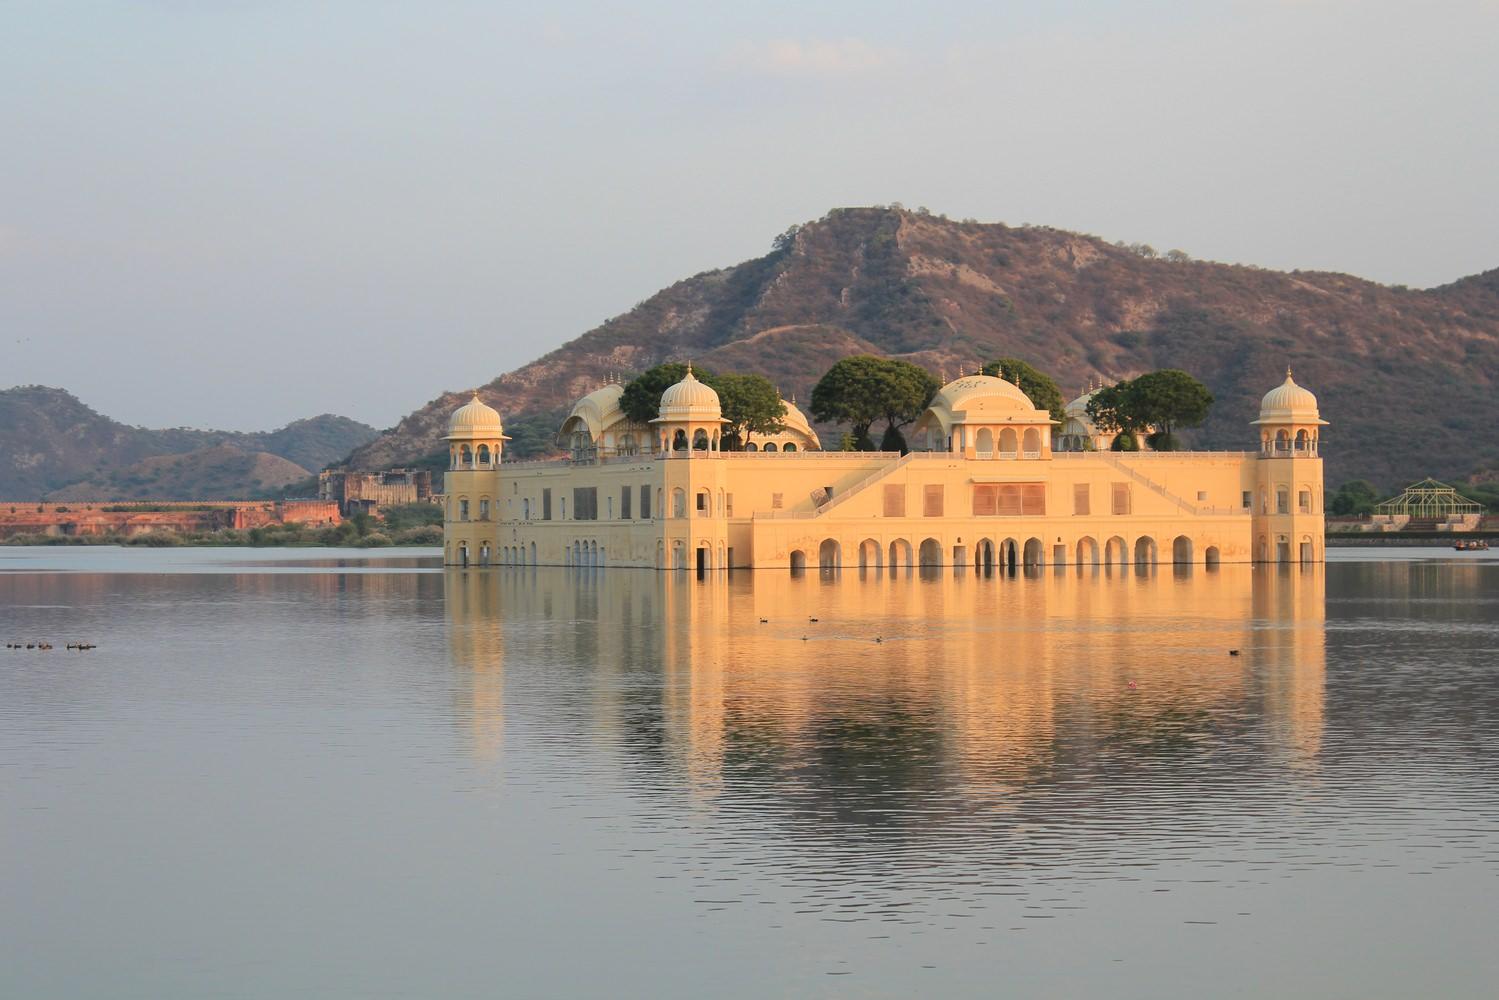 Jal Mahal Palace Jaipur